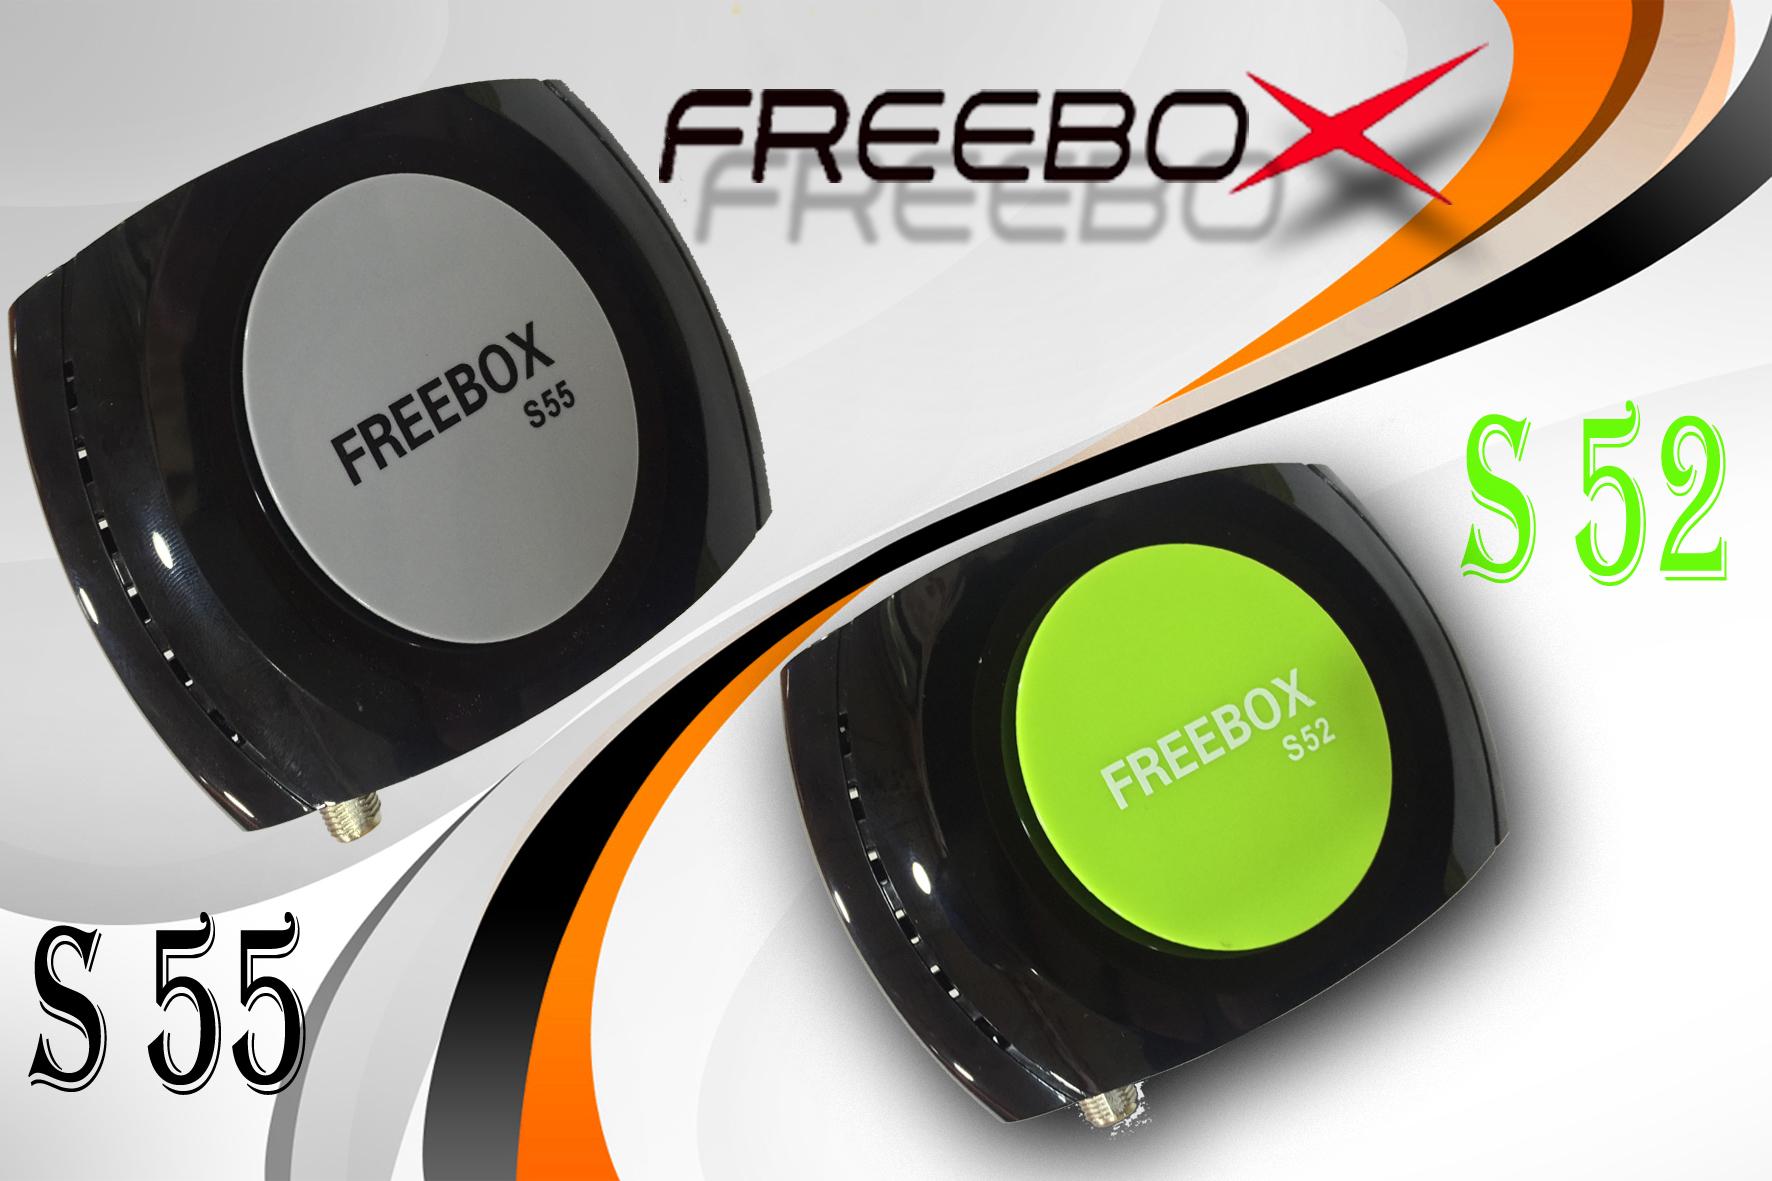 سوفتوير جديد لجهاز freebox_s52_s55*v1273 بتاريخ 688.jpg